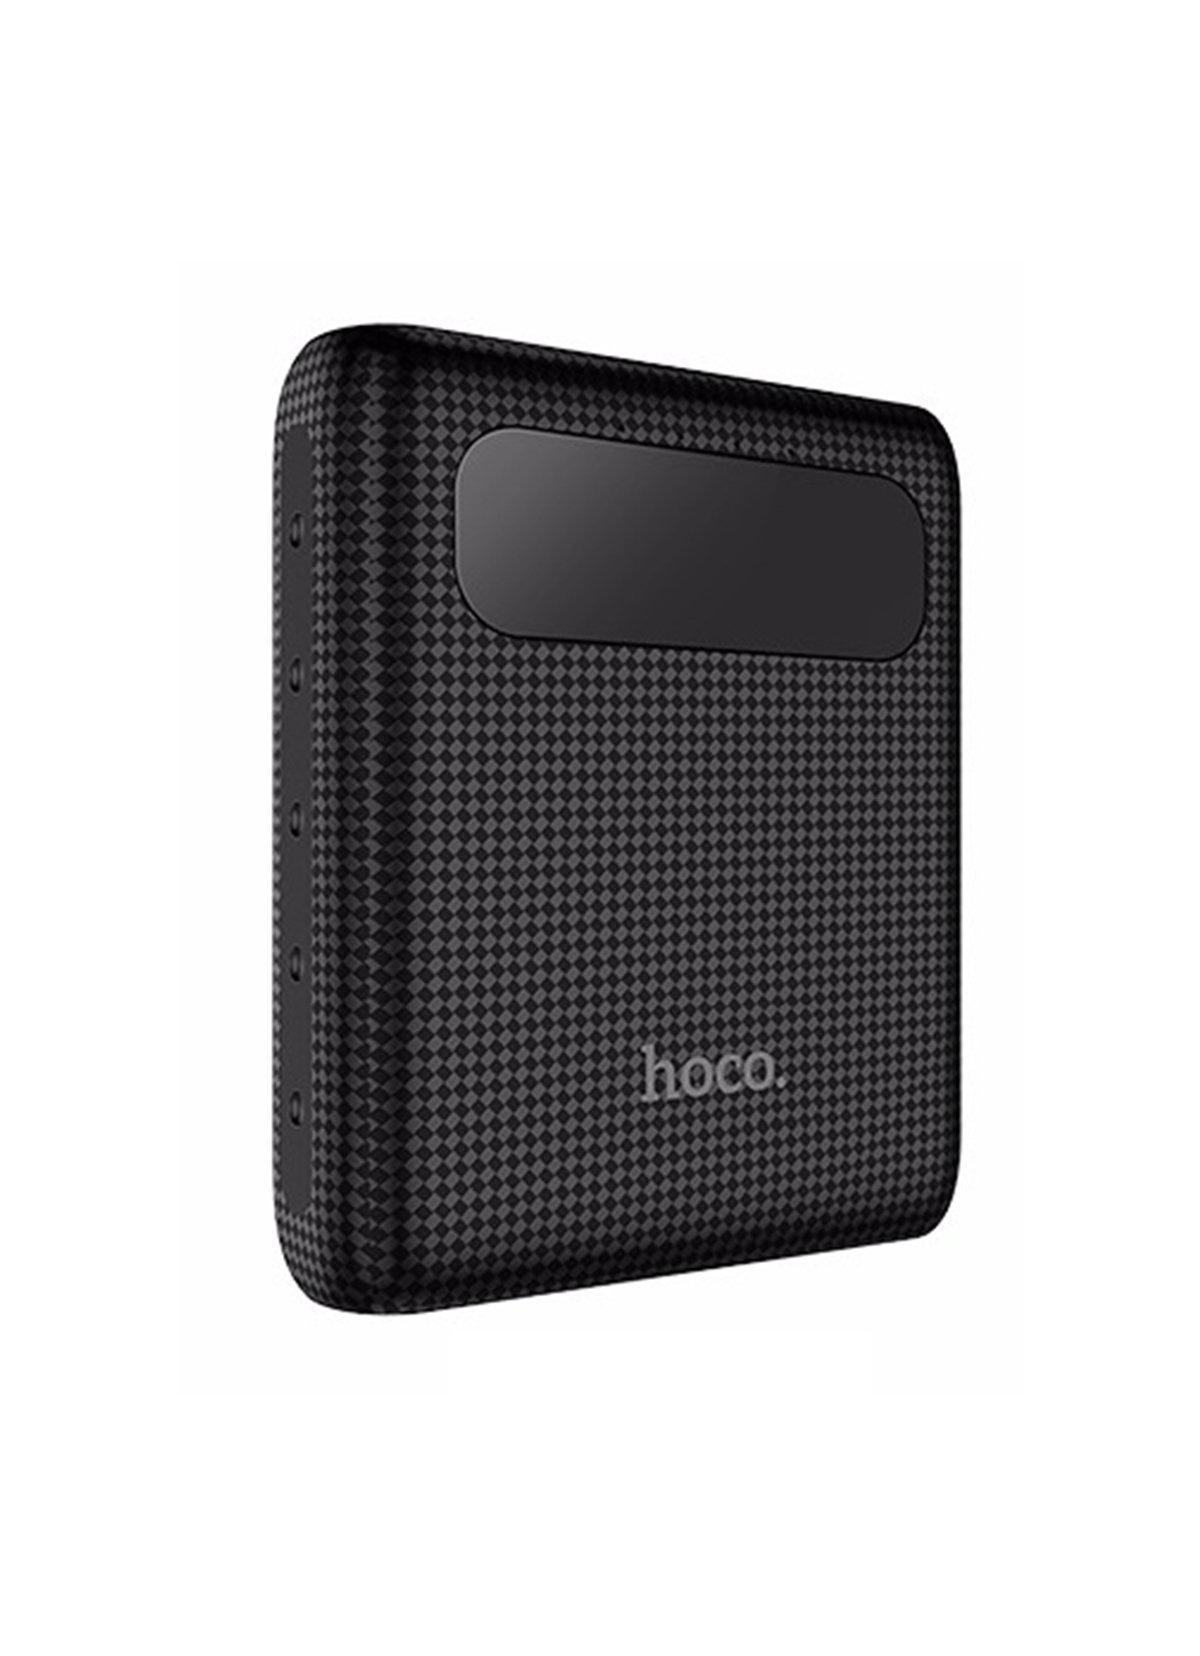 Внешний аккумулятор Hoco 10000 mah, черный внешний аккумулятор cactus cs pbfsst 10000 10000 mah черный